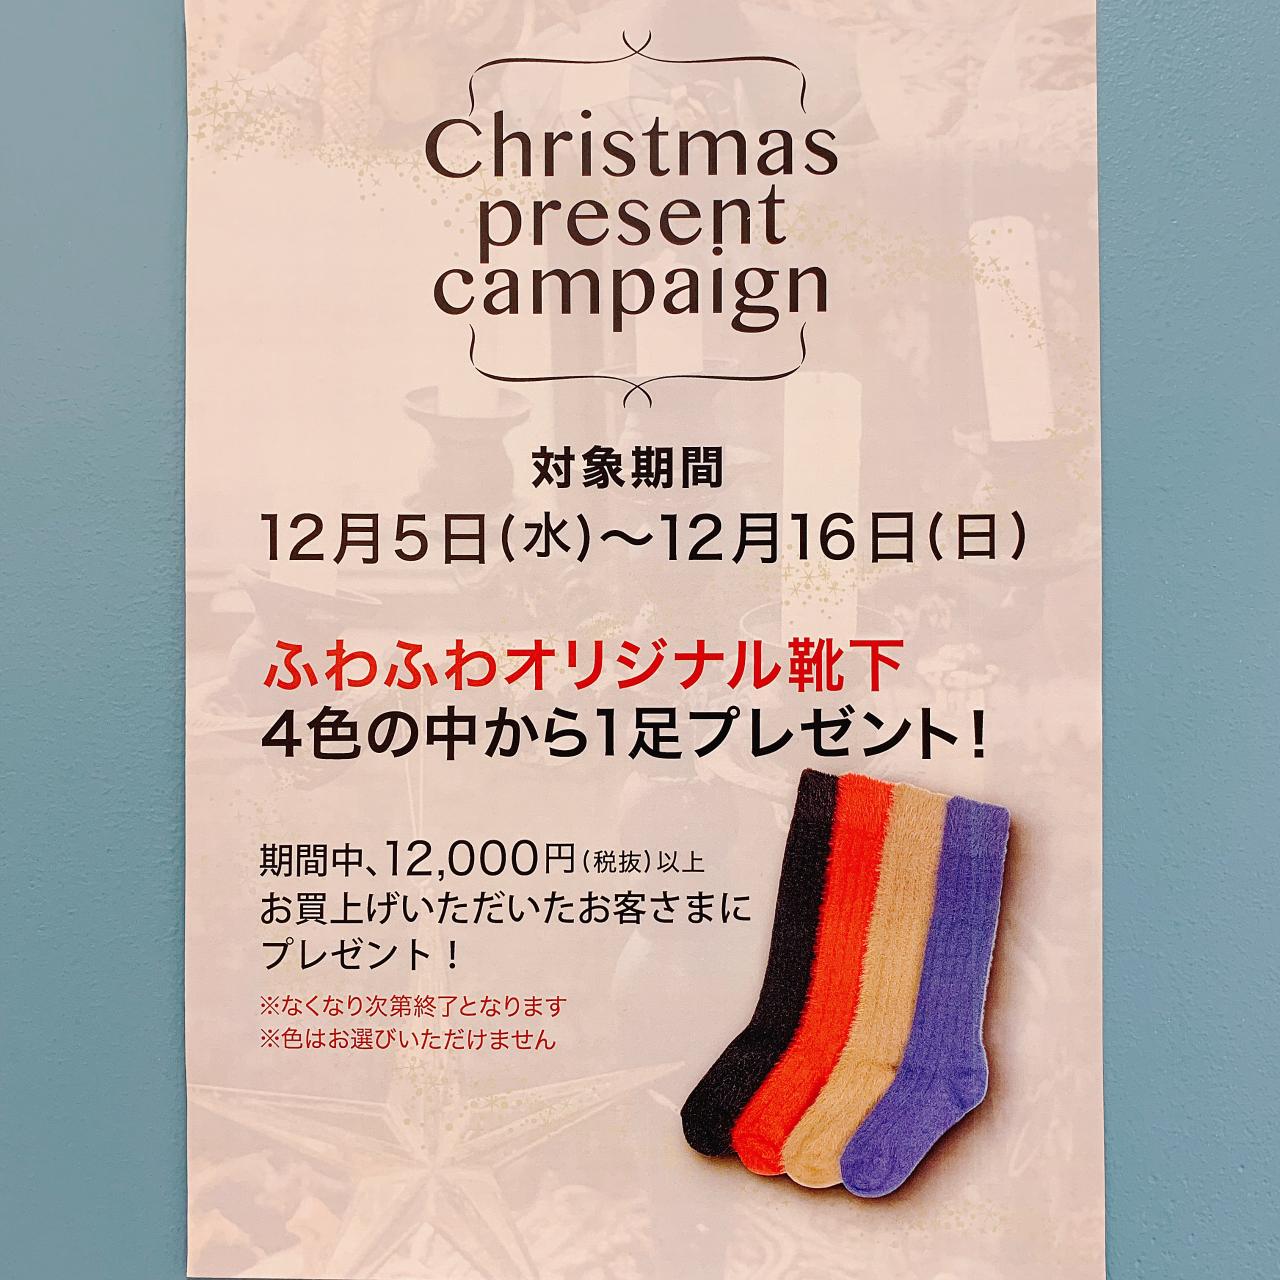 クリスマスフェア開催!【錦糸町テルミナ店】の写真